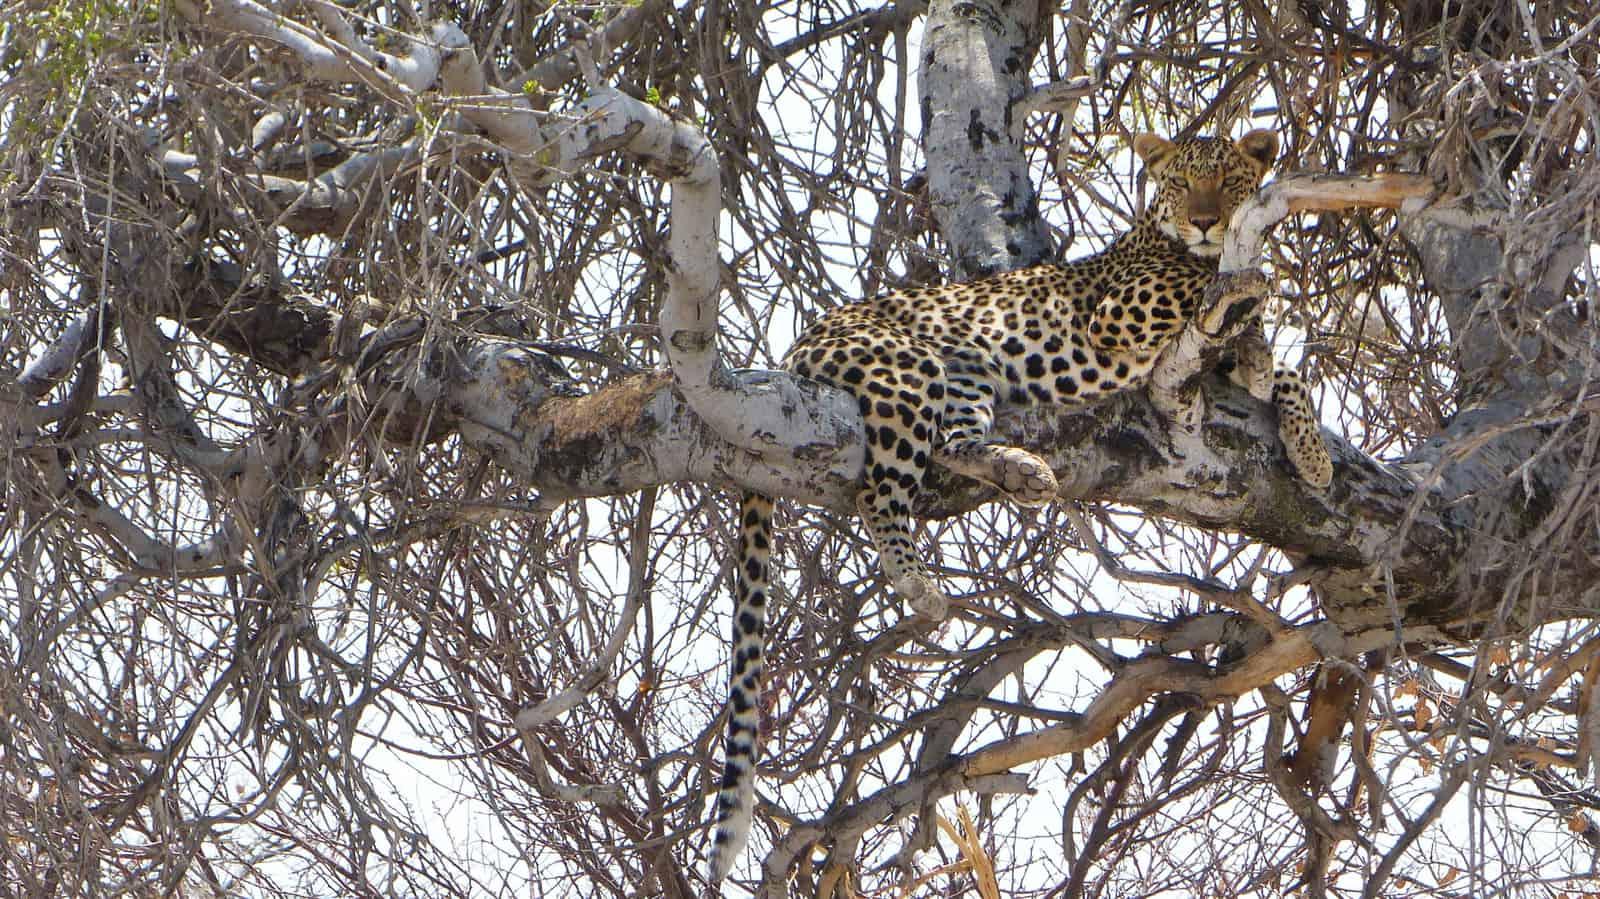 Leopard at Etosha National Park, Namibia